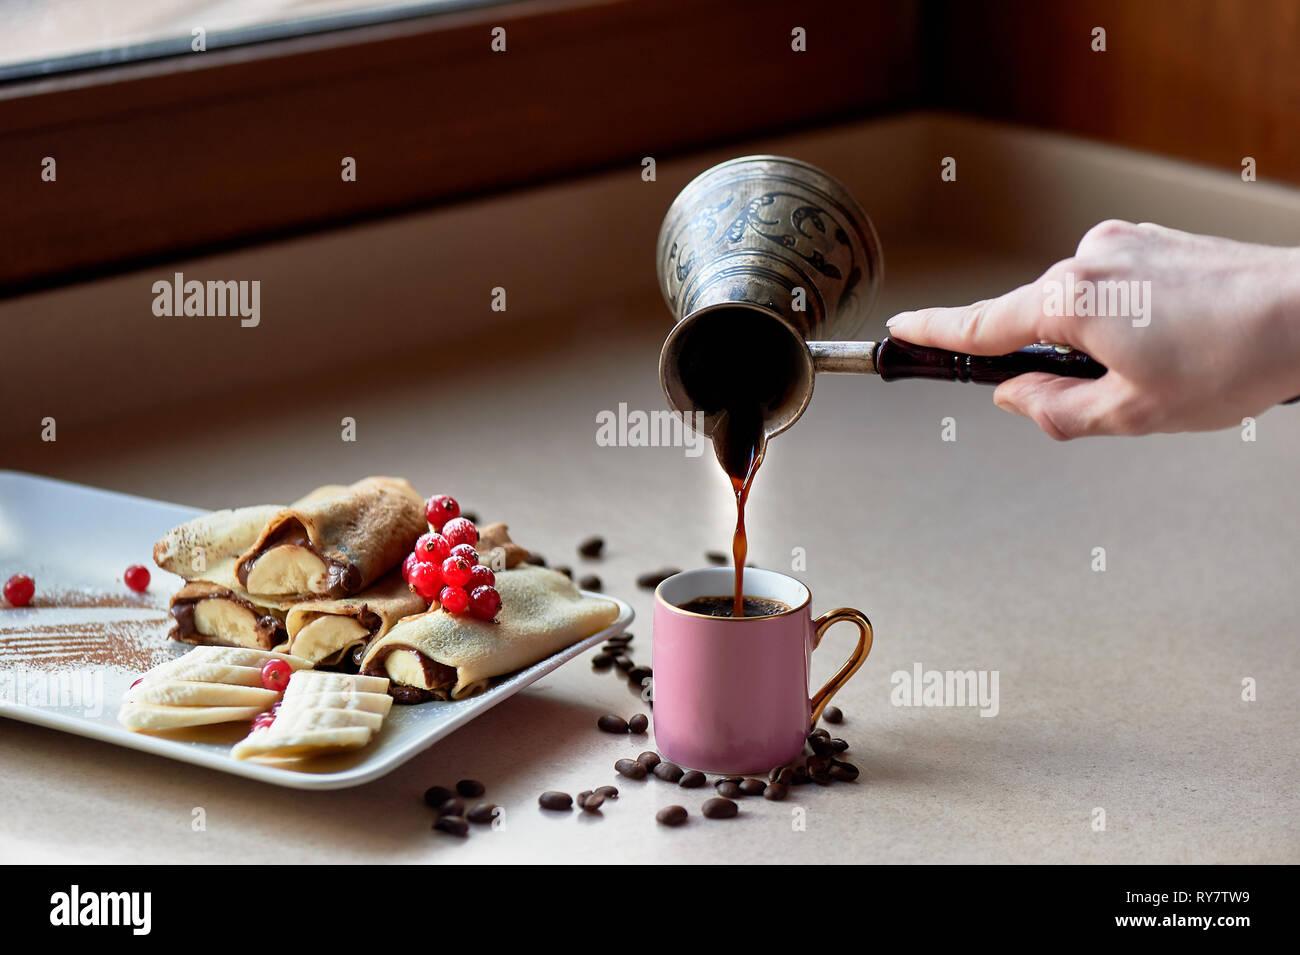 Dessert - heißen Pfannkuchen mit Nutella und Banane. Mit korinthen eingerichtet. Süße Nachspeise. Weiter ist eine Tasse Kaffee. Hand gießt Kaffee von Turki Stockbild